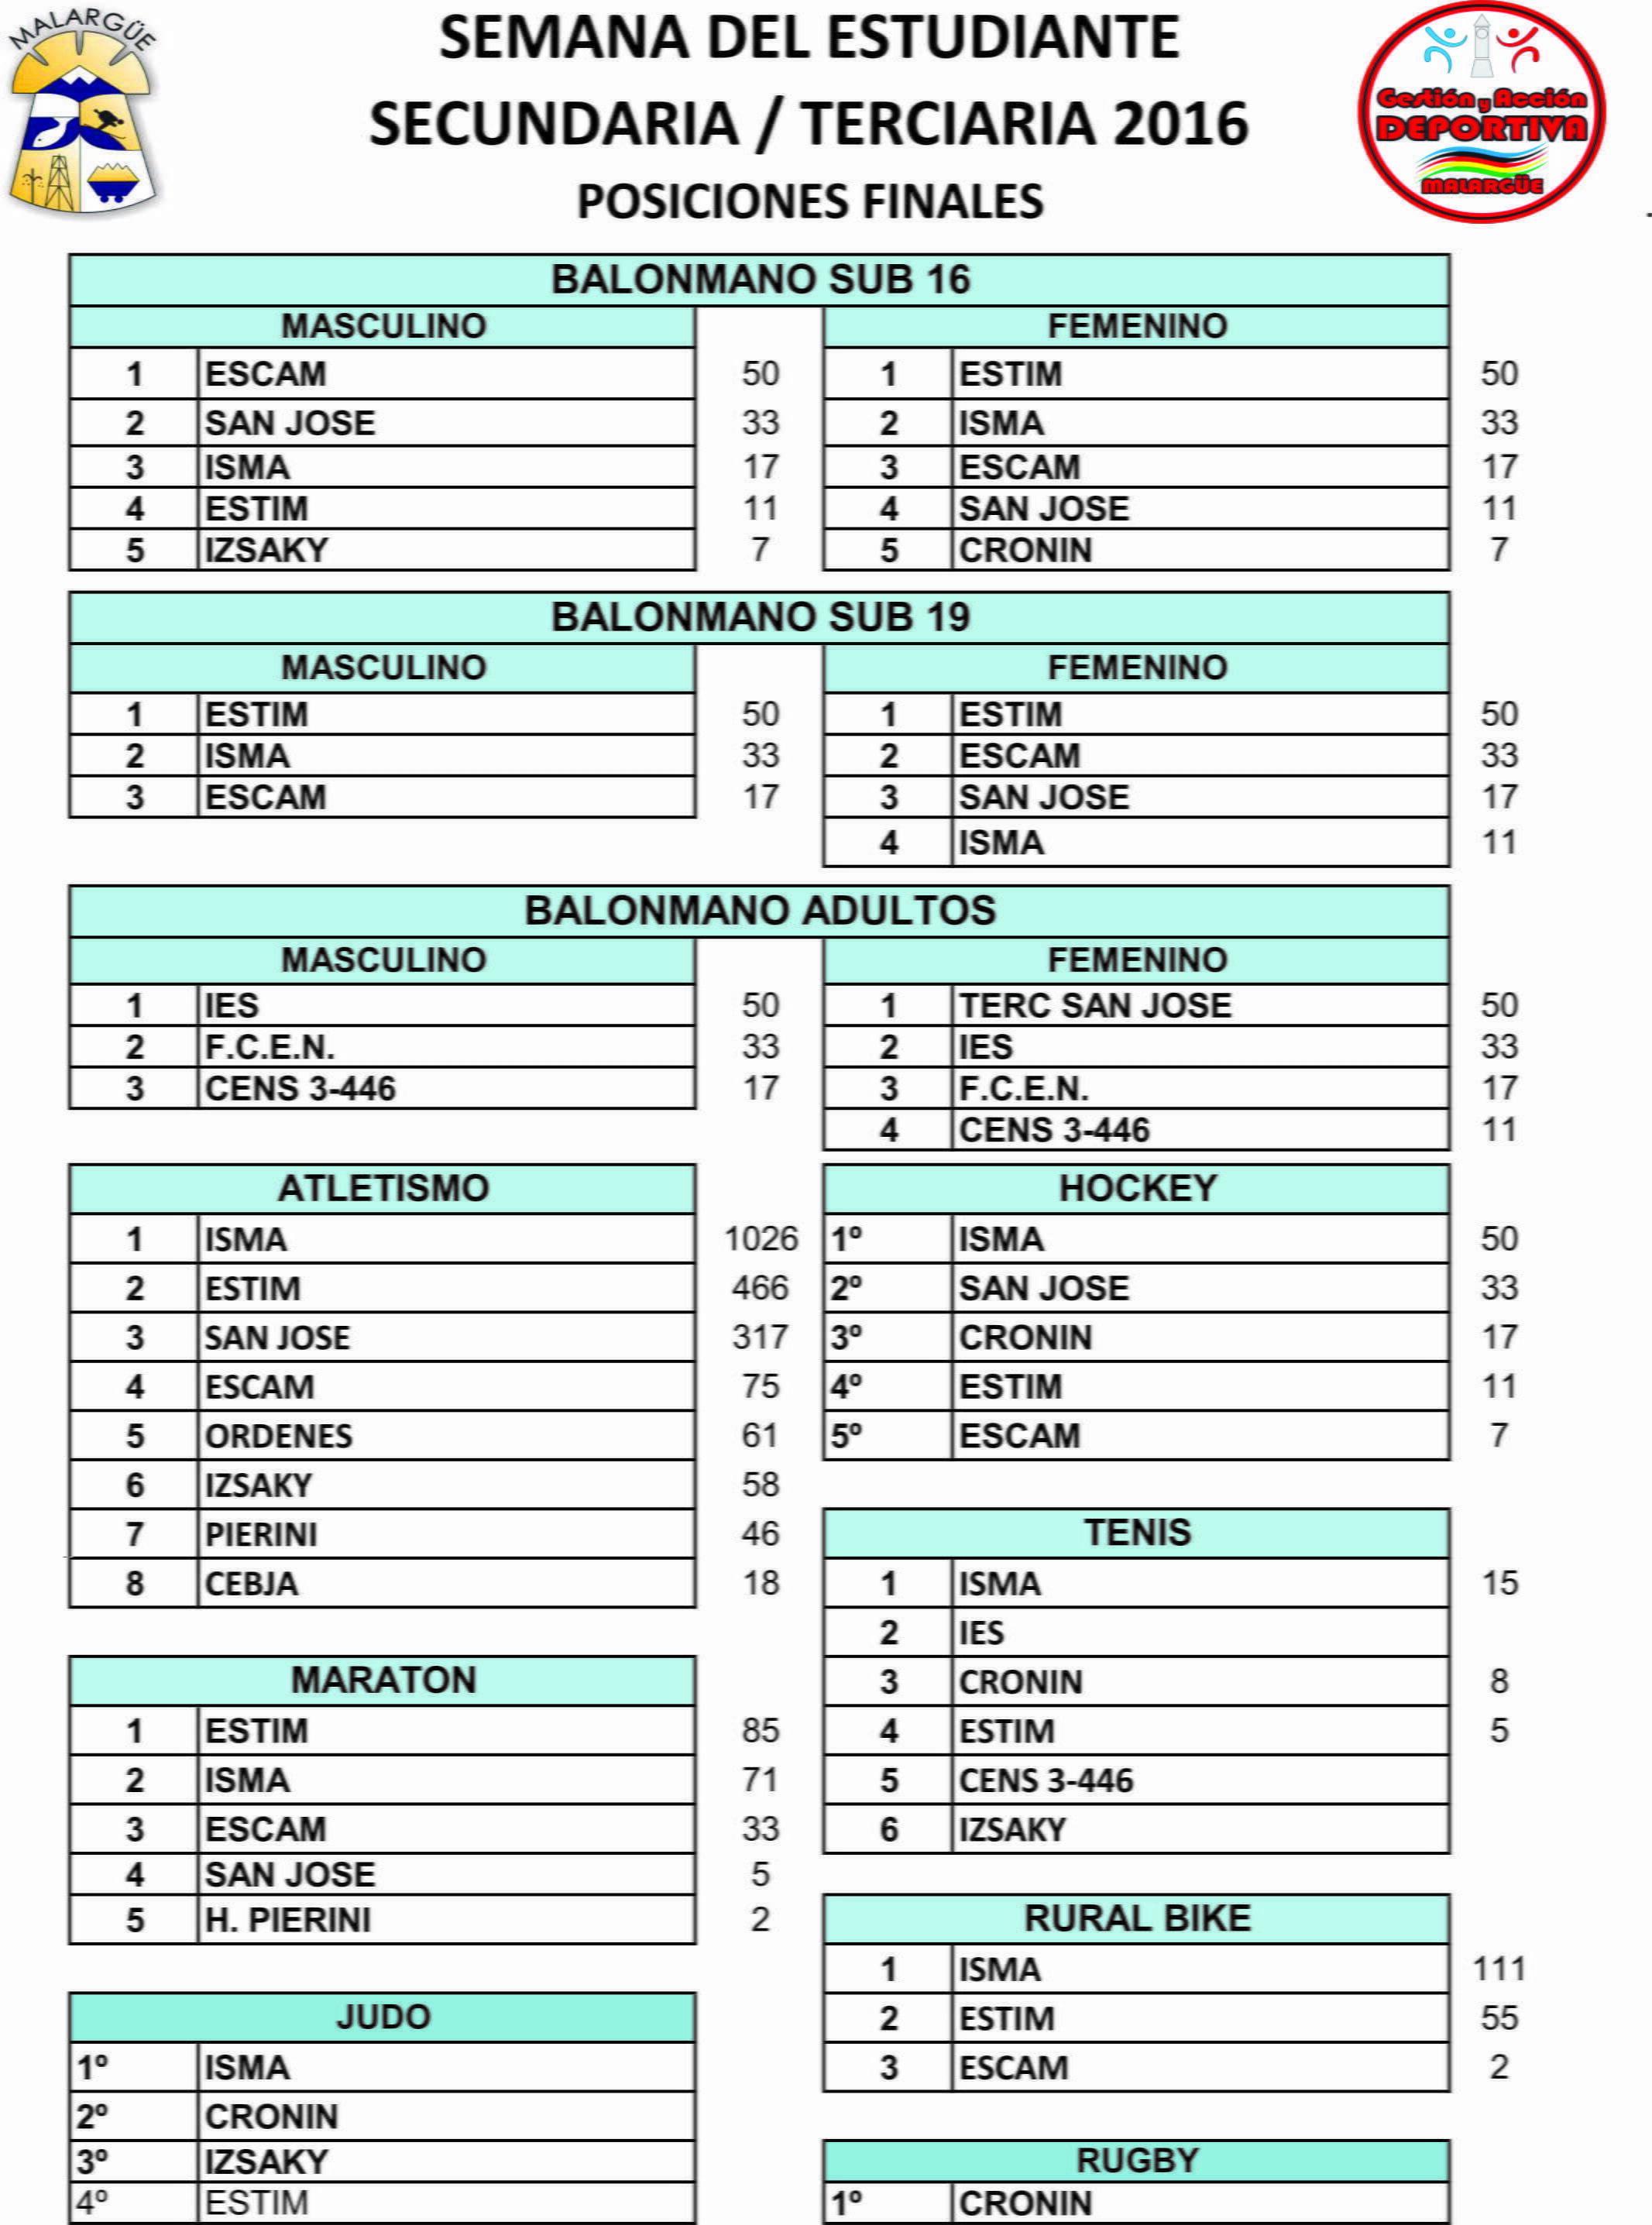 posiciones-finales-2016-2